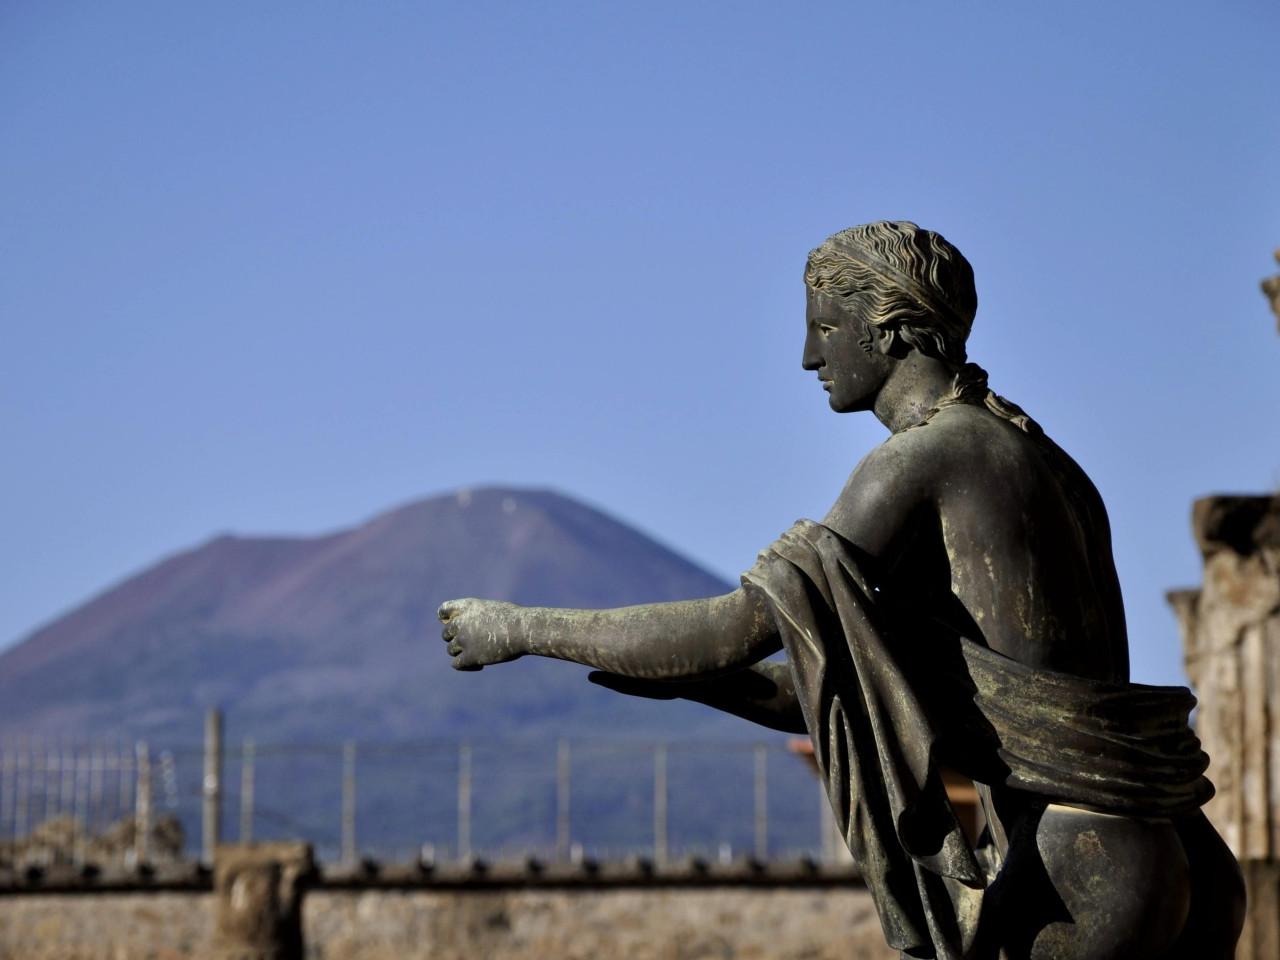 Pompei scavi : statua di Tiberio - Tour privato a Pompei e Sorrento